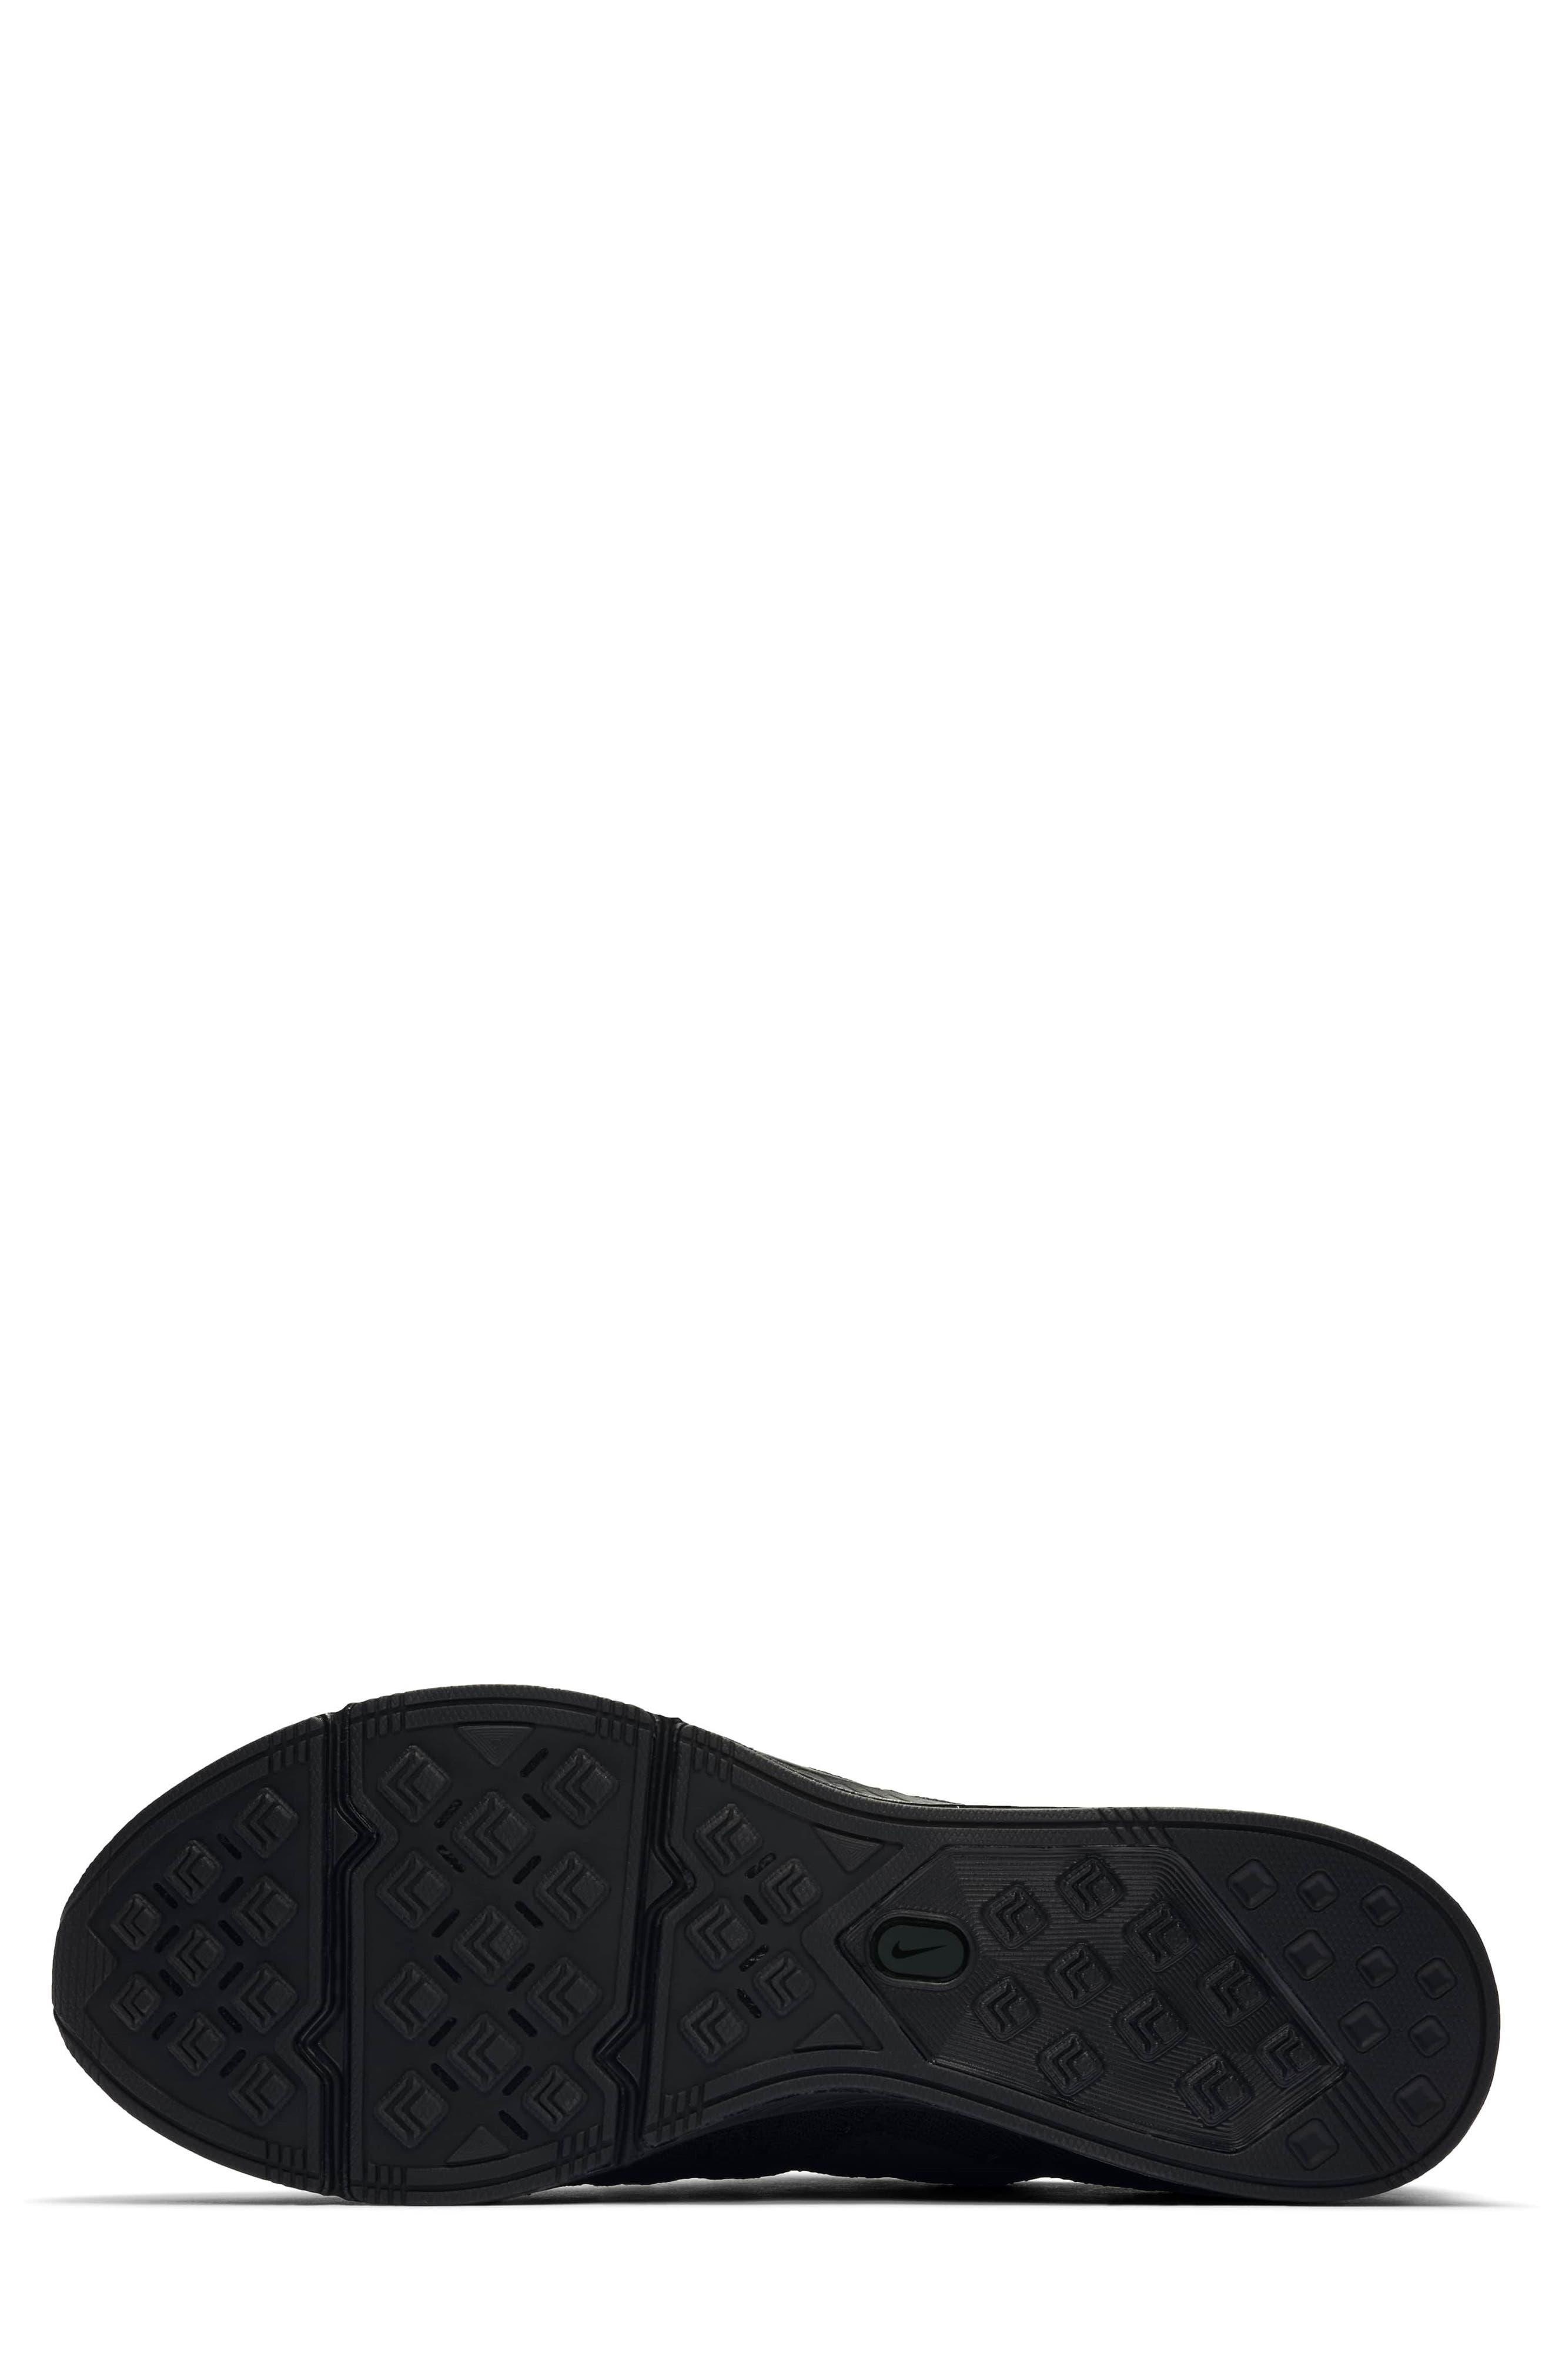 NIKE,                             Flyknit Trainer Sneaker,                             Alternate thumbnail 5, color,                             004